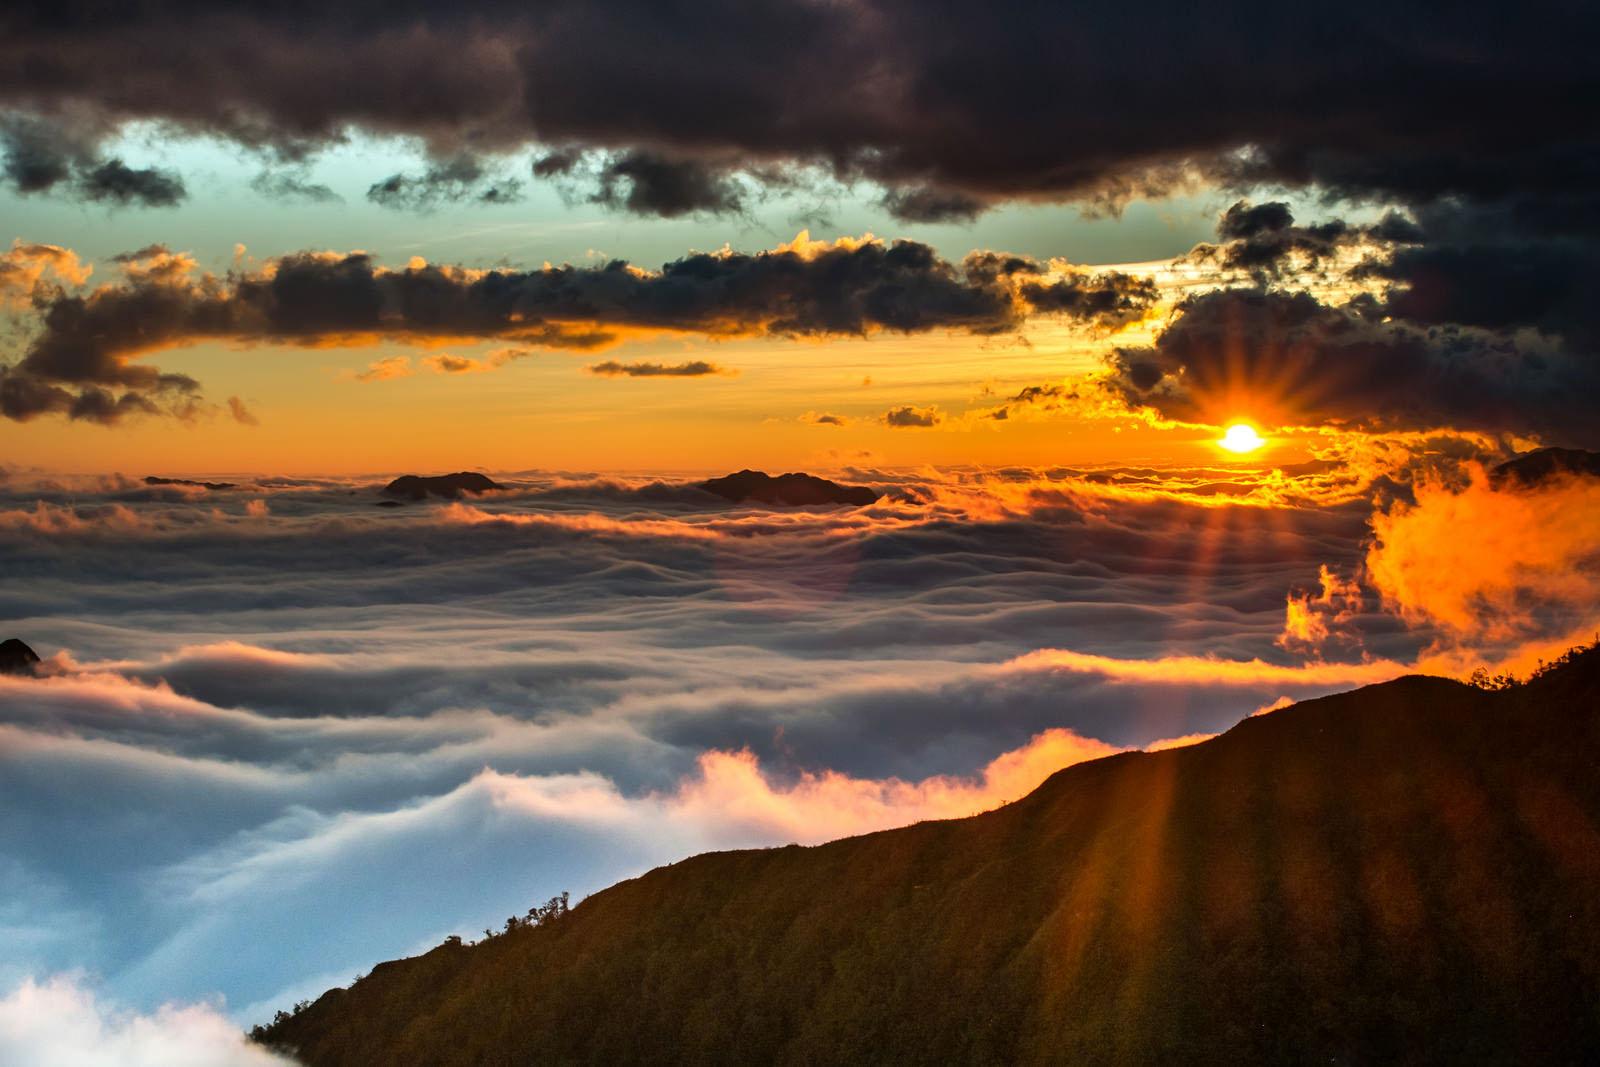 Hình ảnh bình minh đẹp trên mây